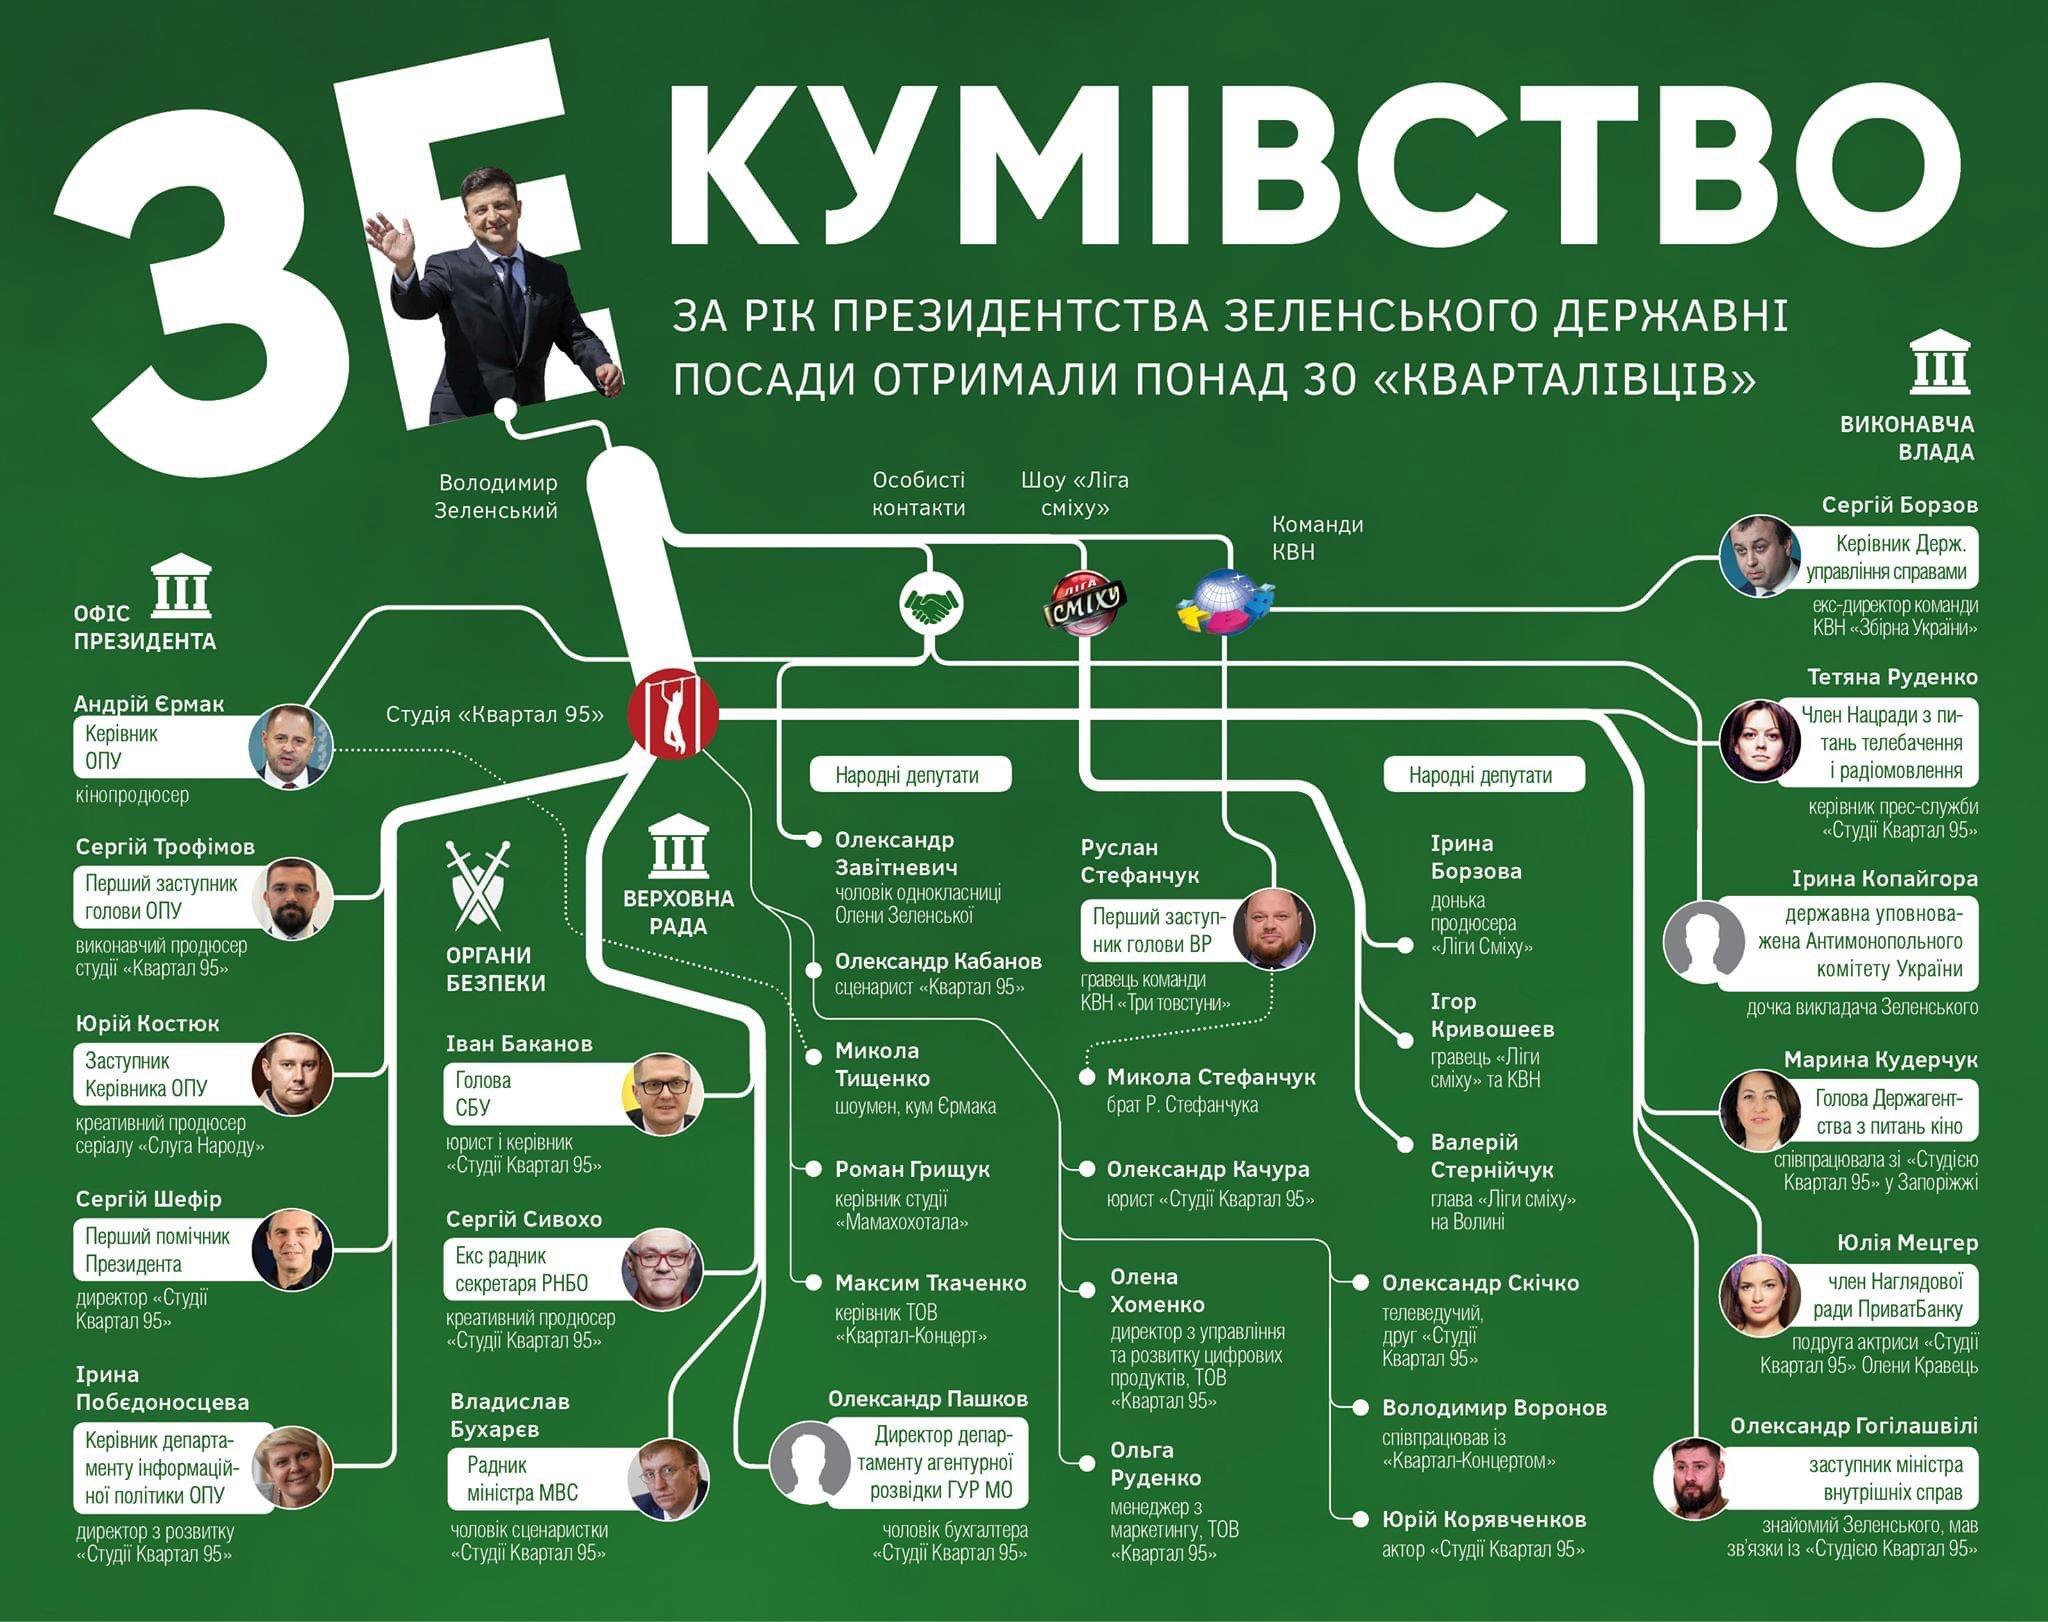 """Схема """"кумовства"""" Владимира Зеленского"""